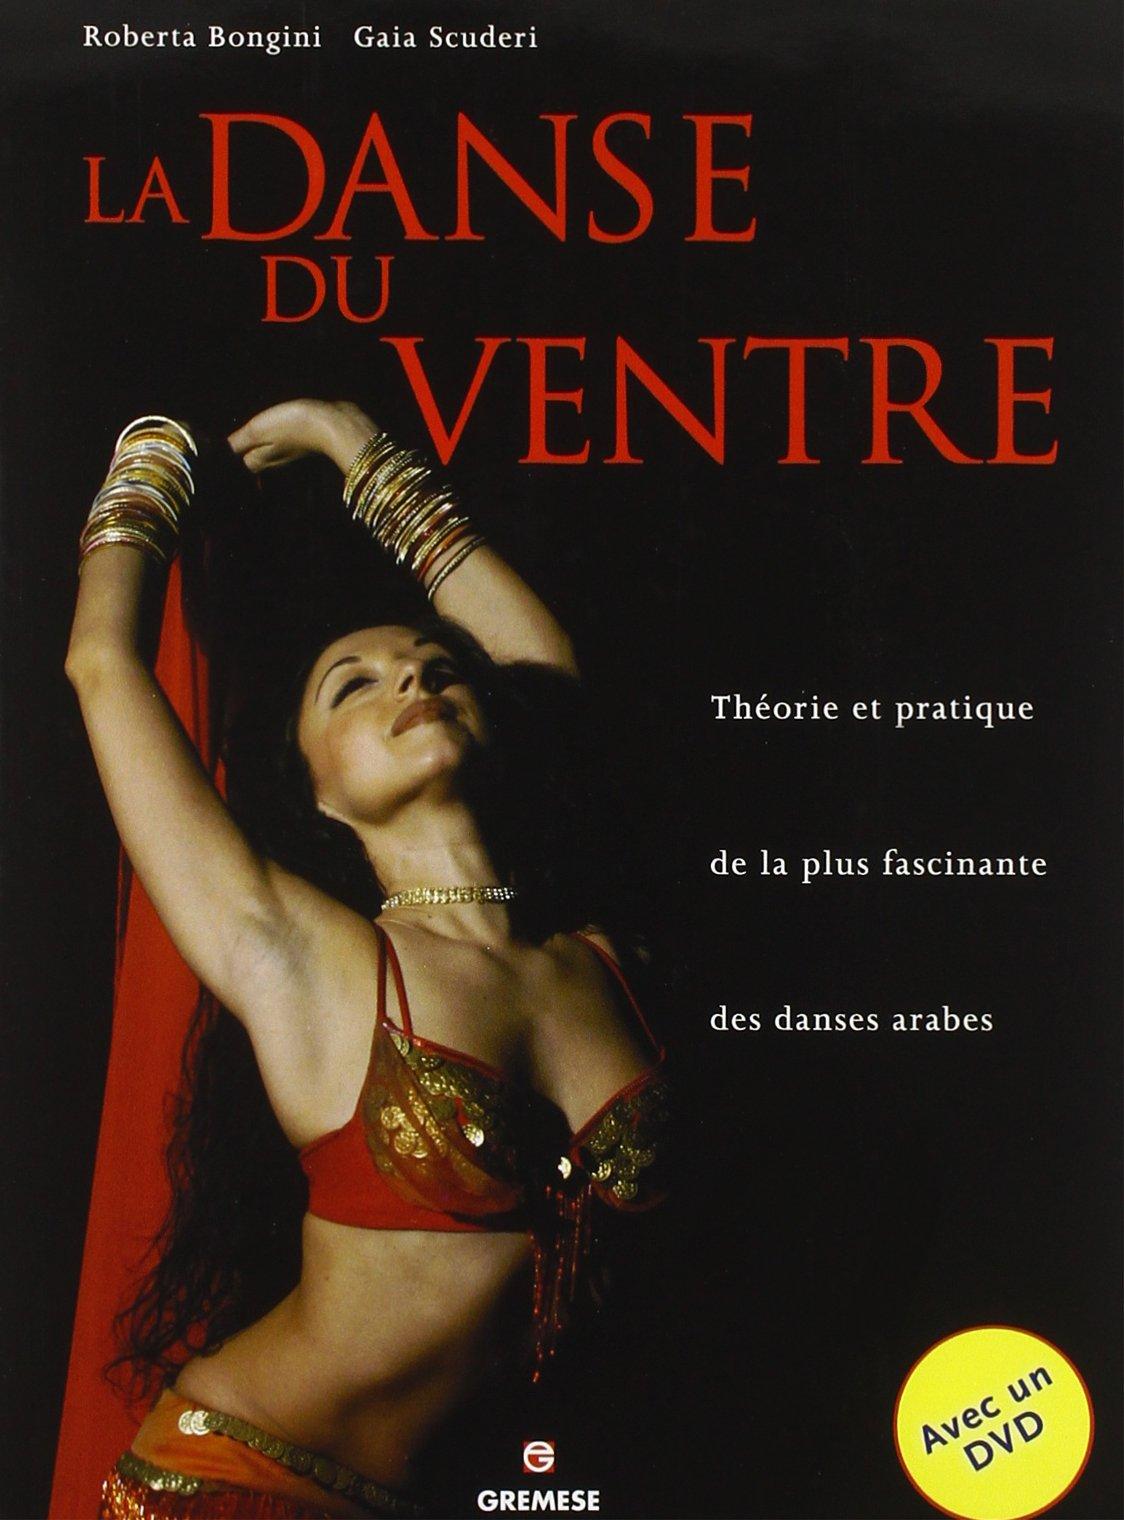 La danse du ventre - Théorie et pratique de la plus fascinante des danses arabes Couverture du livre